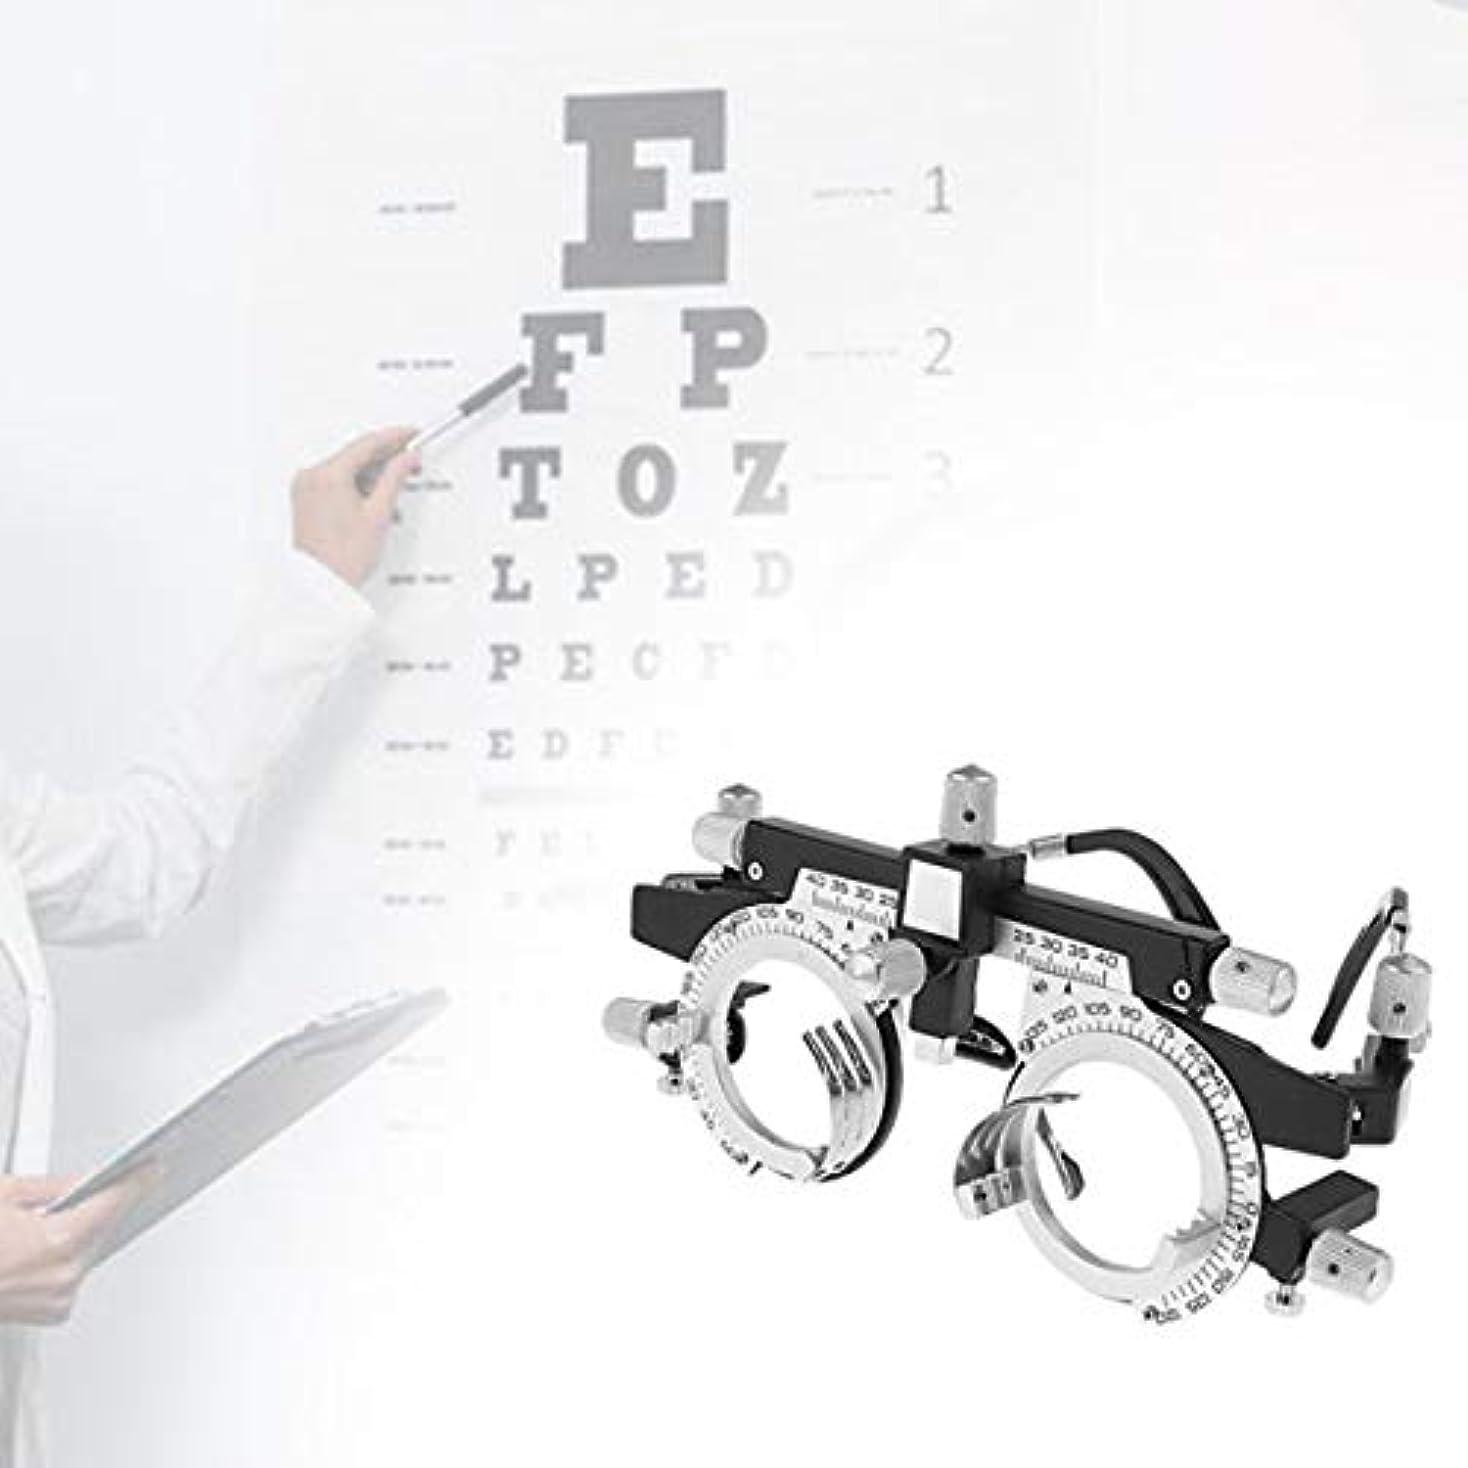 裁量闘争飲料調整可能なプロフェッショナルアイウェア検眼メタルフレームオプティカルオプティクストライアルレンズメタルフレームPDメガネアクセサリーメタルフレーム